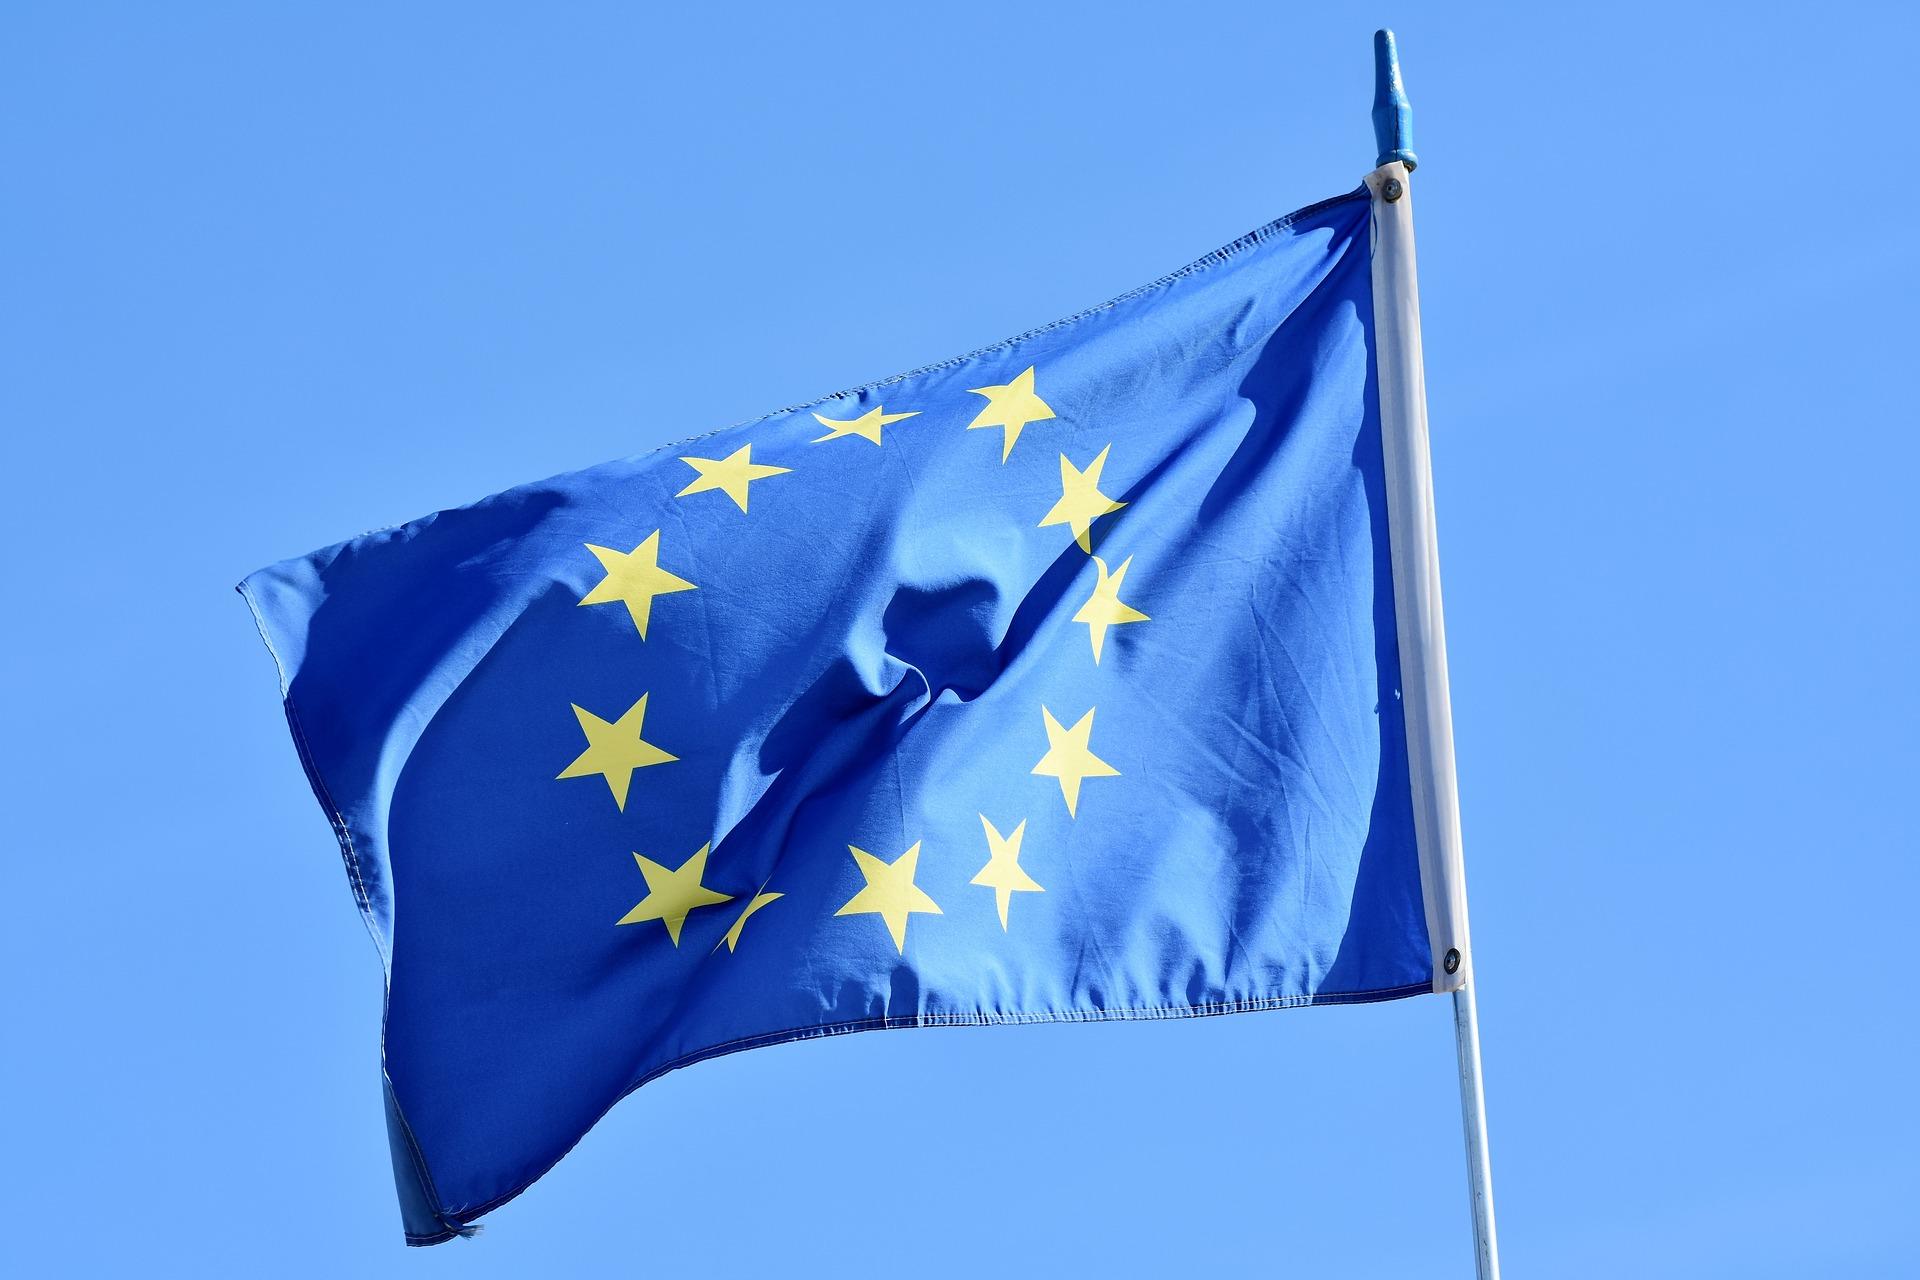 La iniciativa apunta a permitir que una nueva generación de europeos coopere a través de idiomas, fronteras y disciplinas. - Foto: Capri23auto / Pixabay.